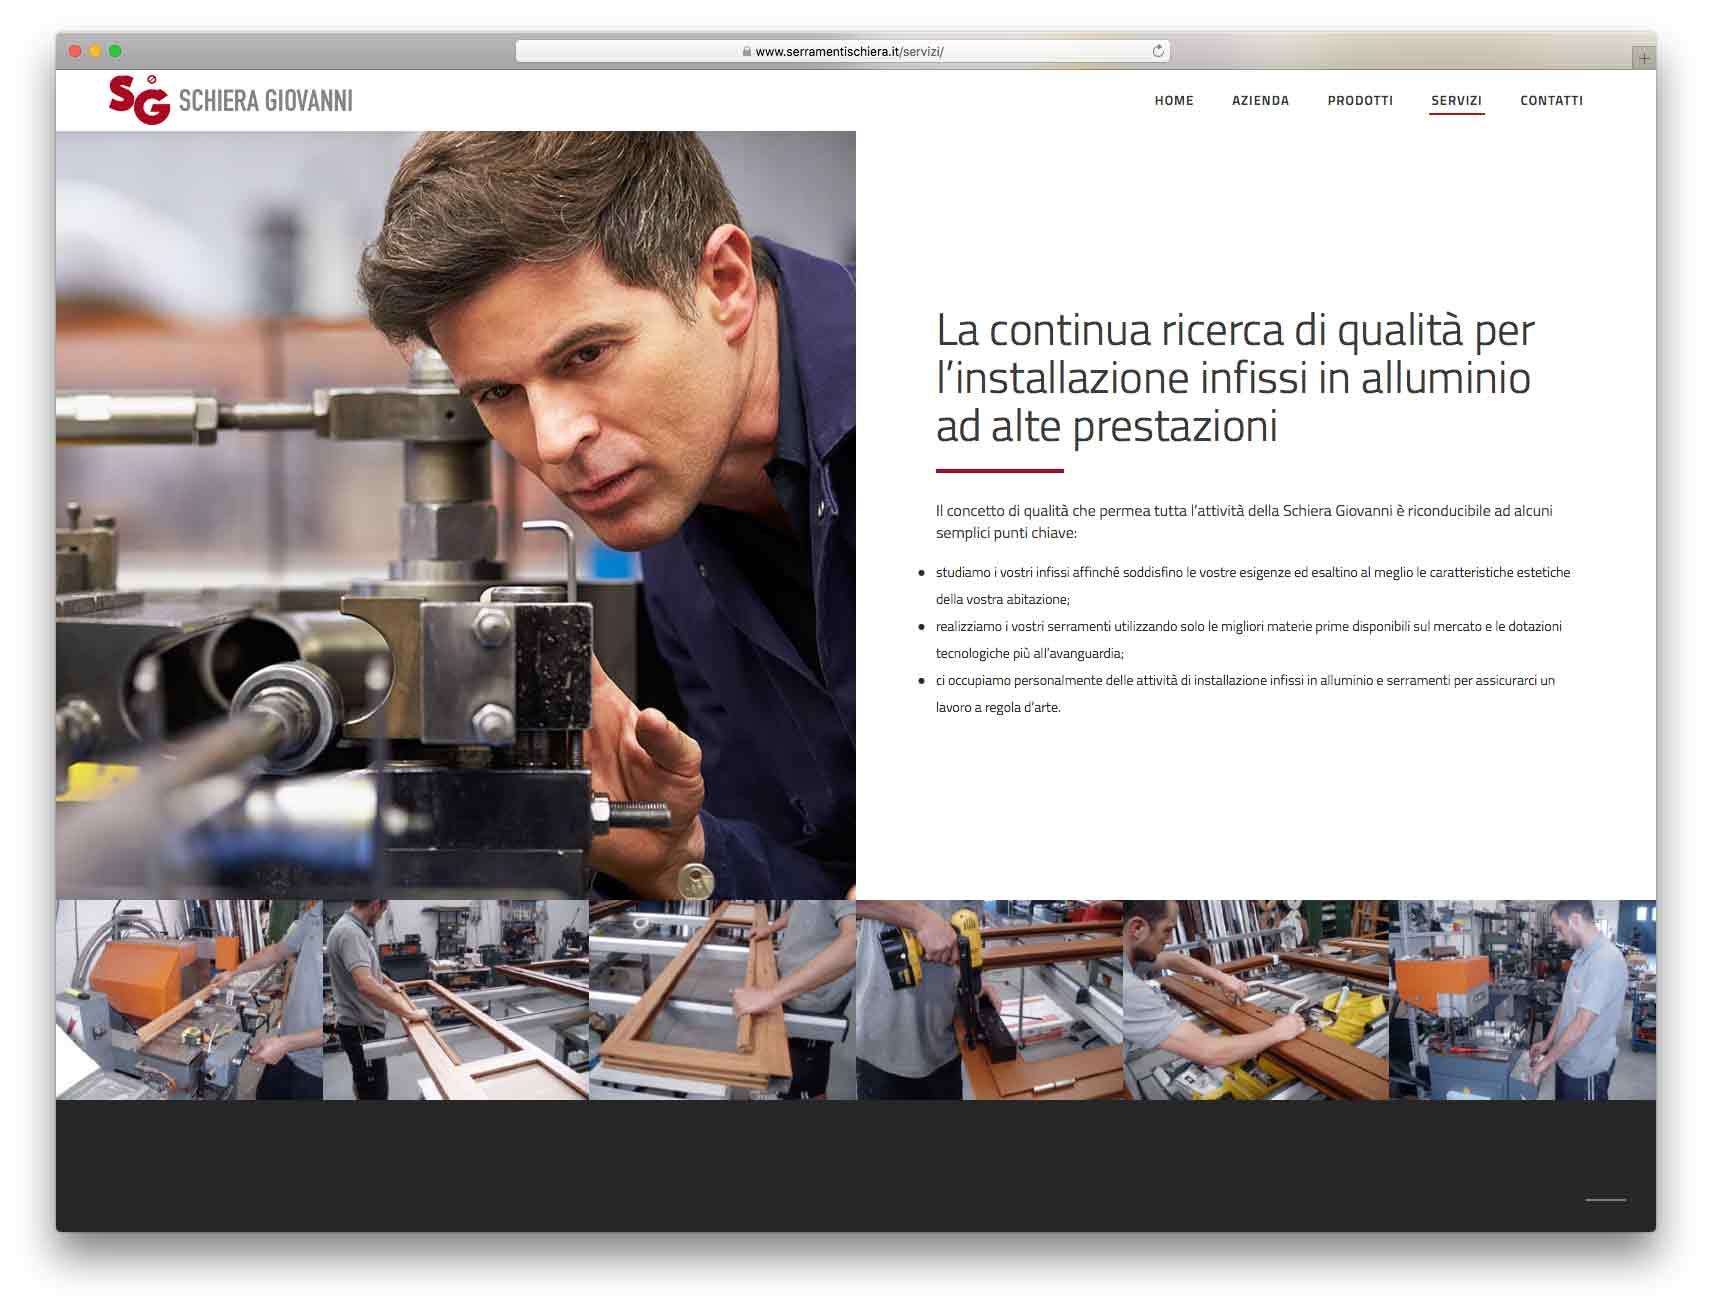 creazione siti web brescia - Agenzia P - sito web Schiera Giovanni